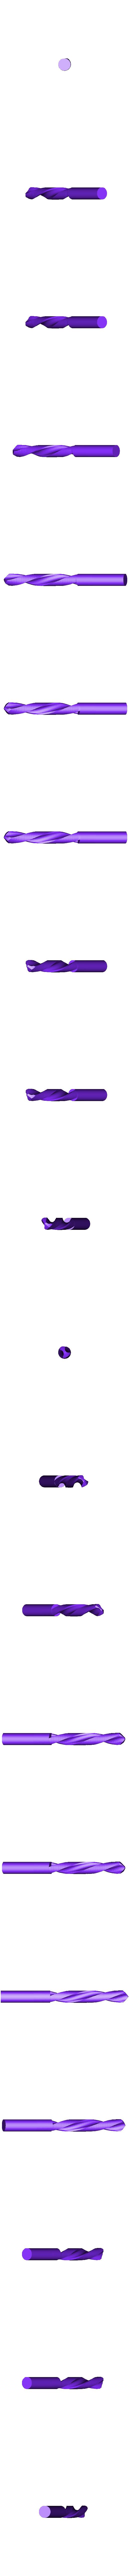 D02.stl Télécharger fichier STL Perceuse à main Impression 3D • Design pour impression 3D, MPPSWKA7